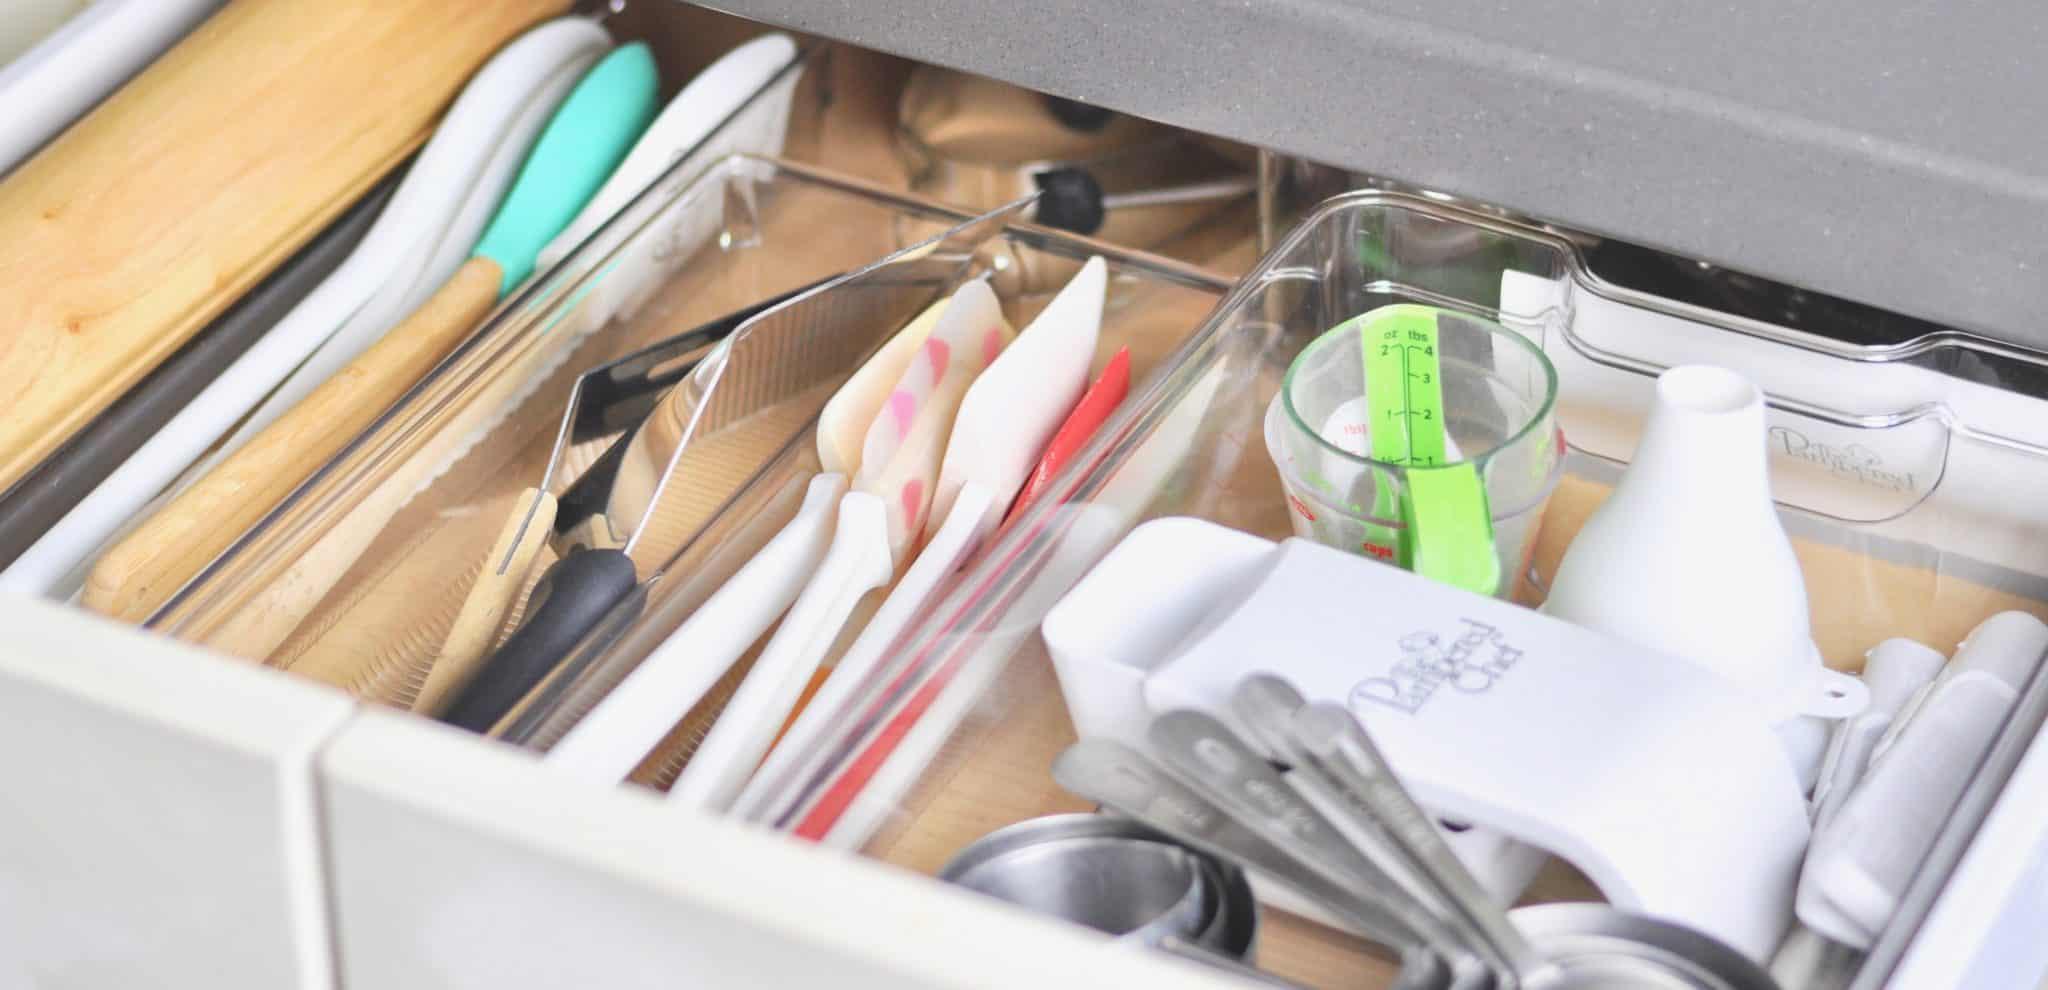 Baking Supplies Organized Kitchen Drawer